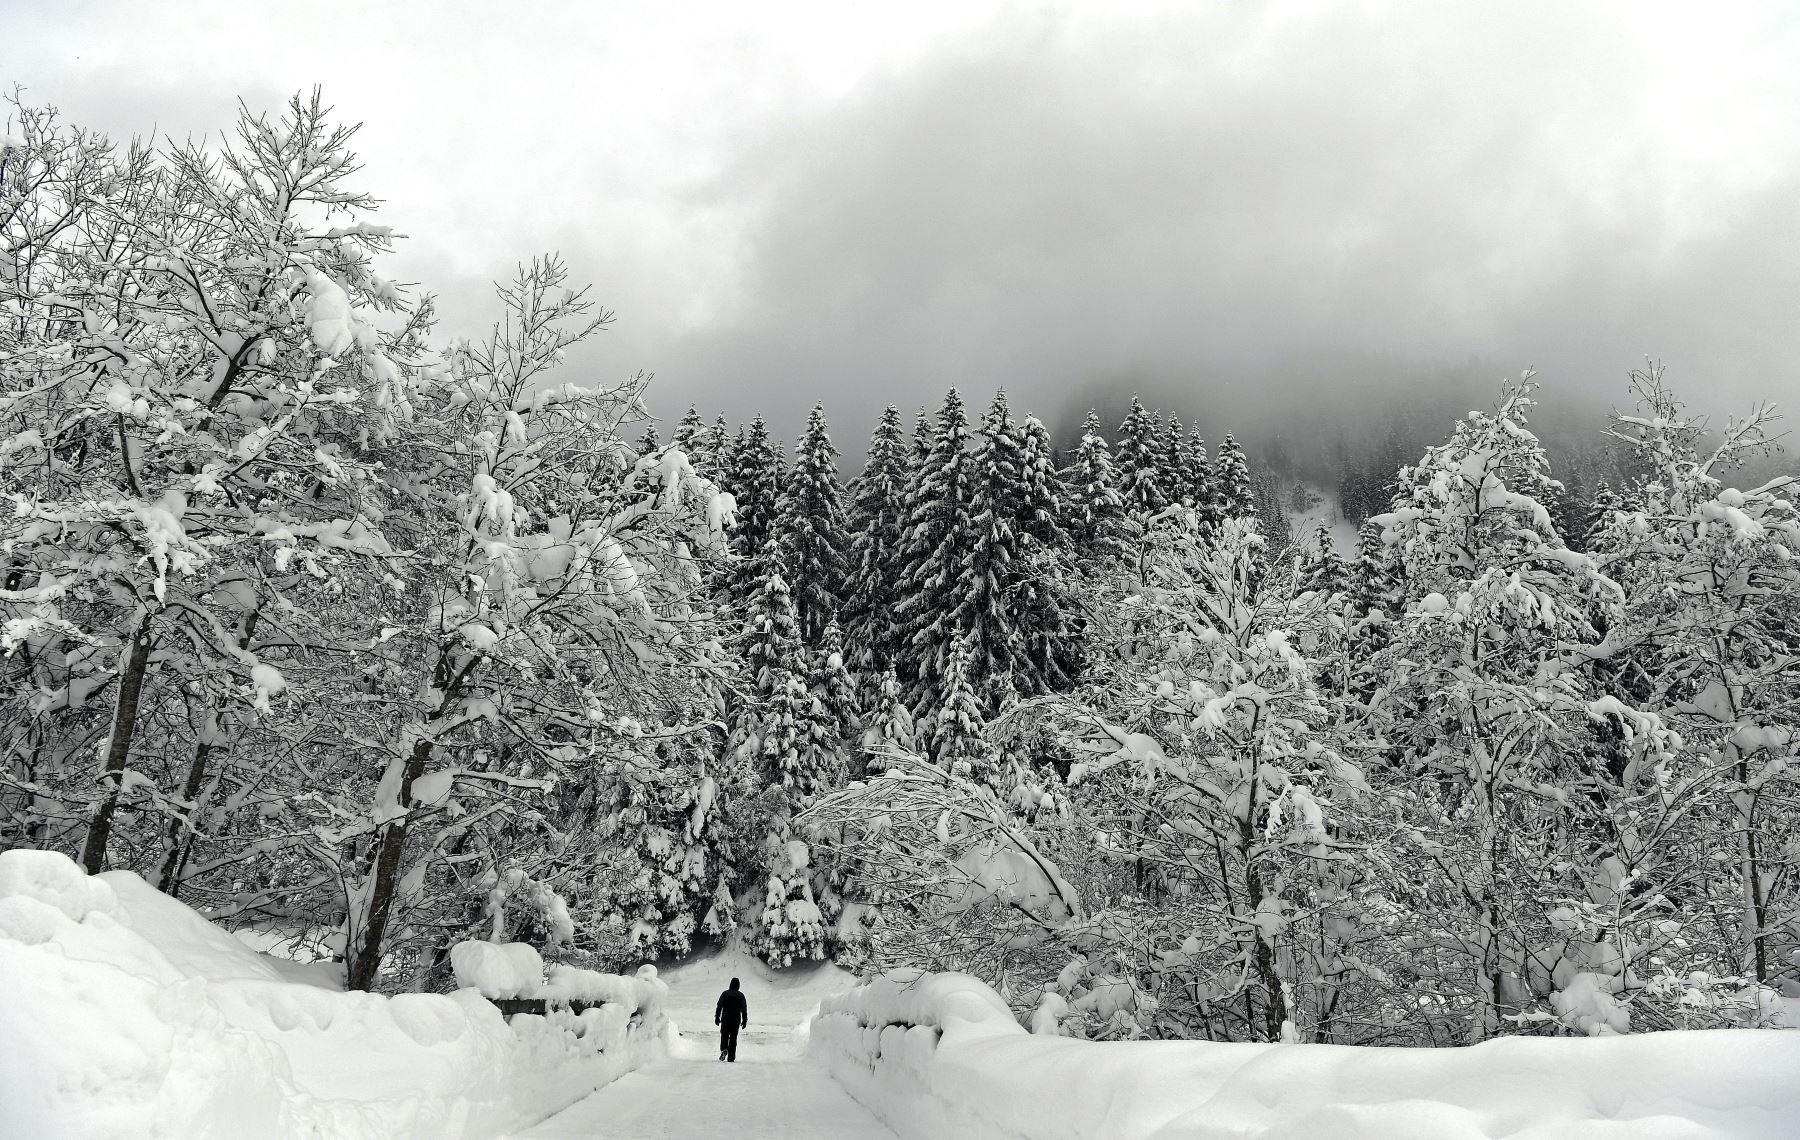 Un hombre solitario camina en un paisaje cubierto de nieve  cerca de Obertauern, Austria, donde cayeron enormes cantidades de nieve durante el inicio del mont. AFP